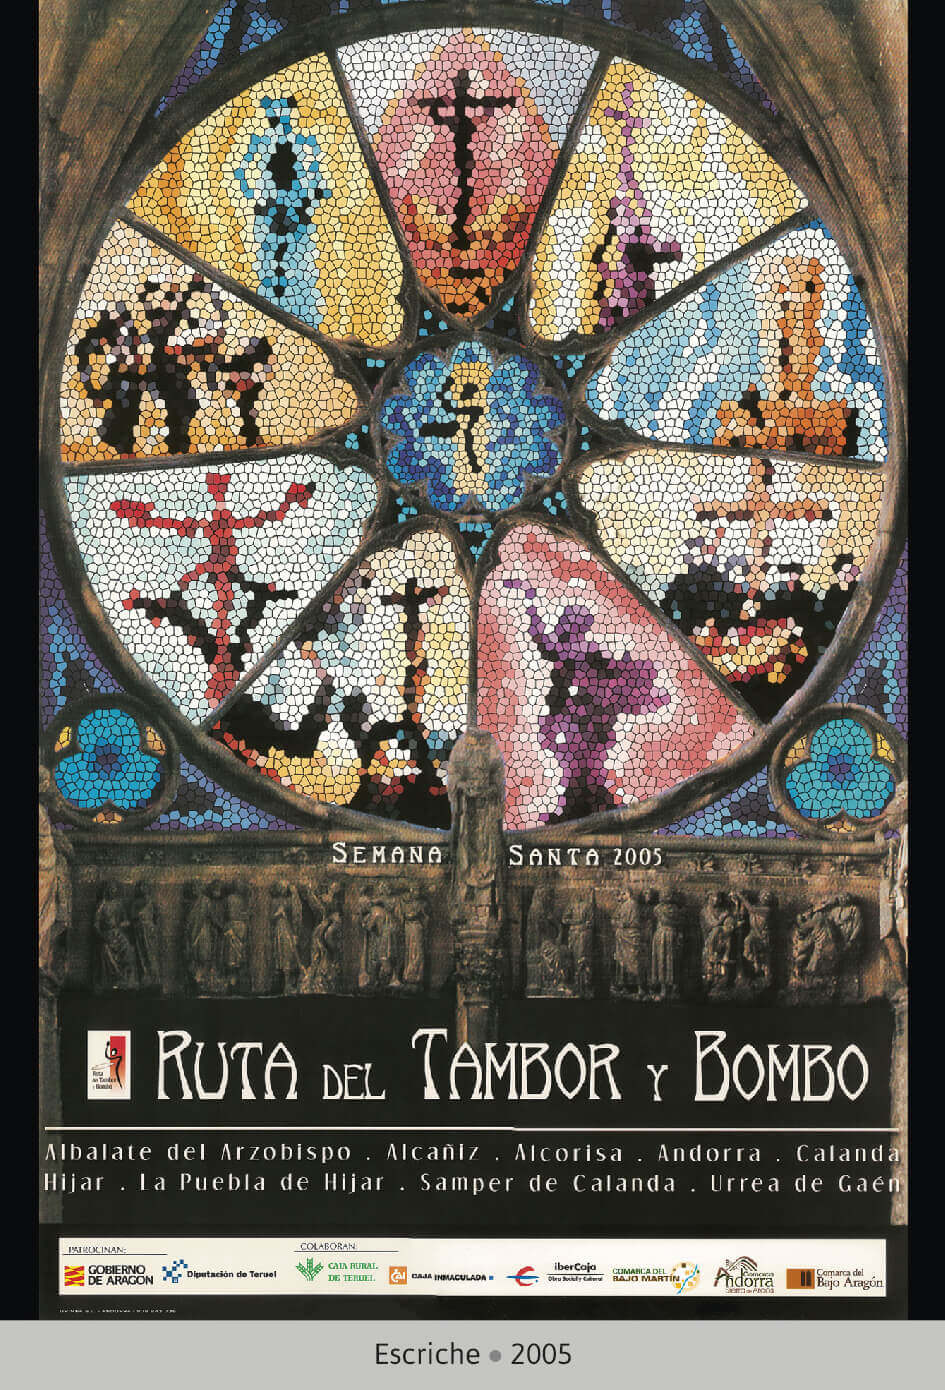 Cartel Ganador Ruta del Tambor y Bombo 2005